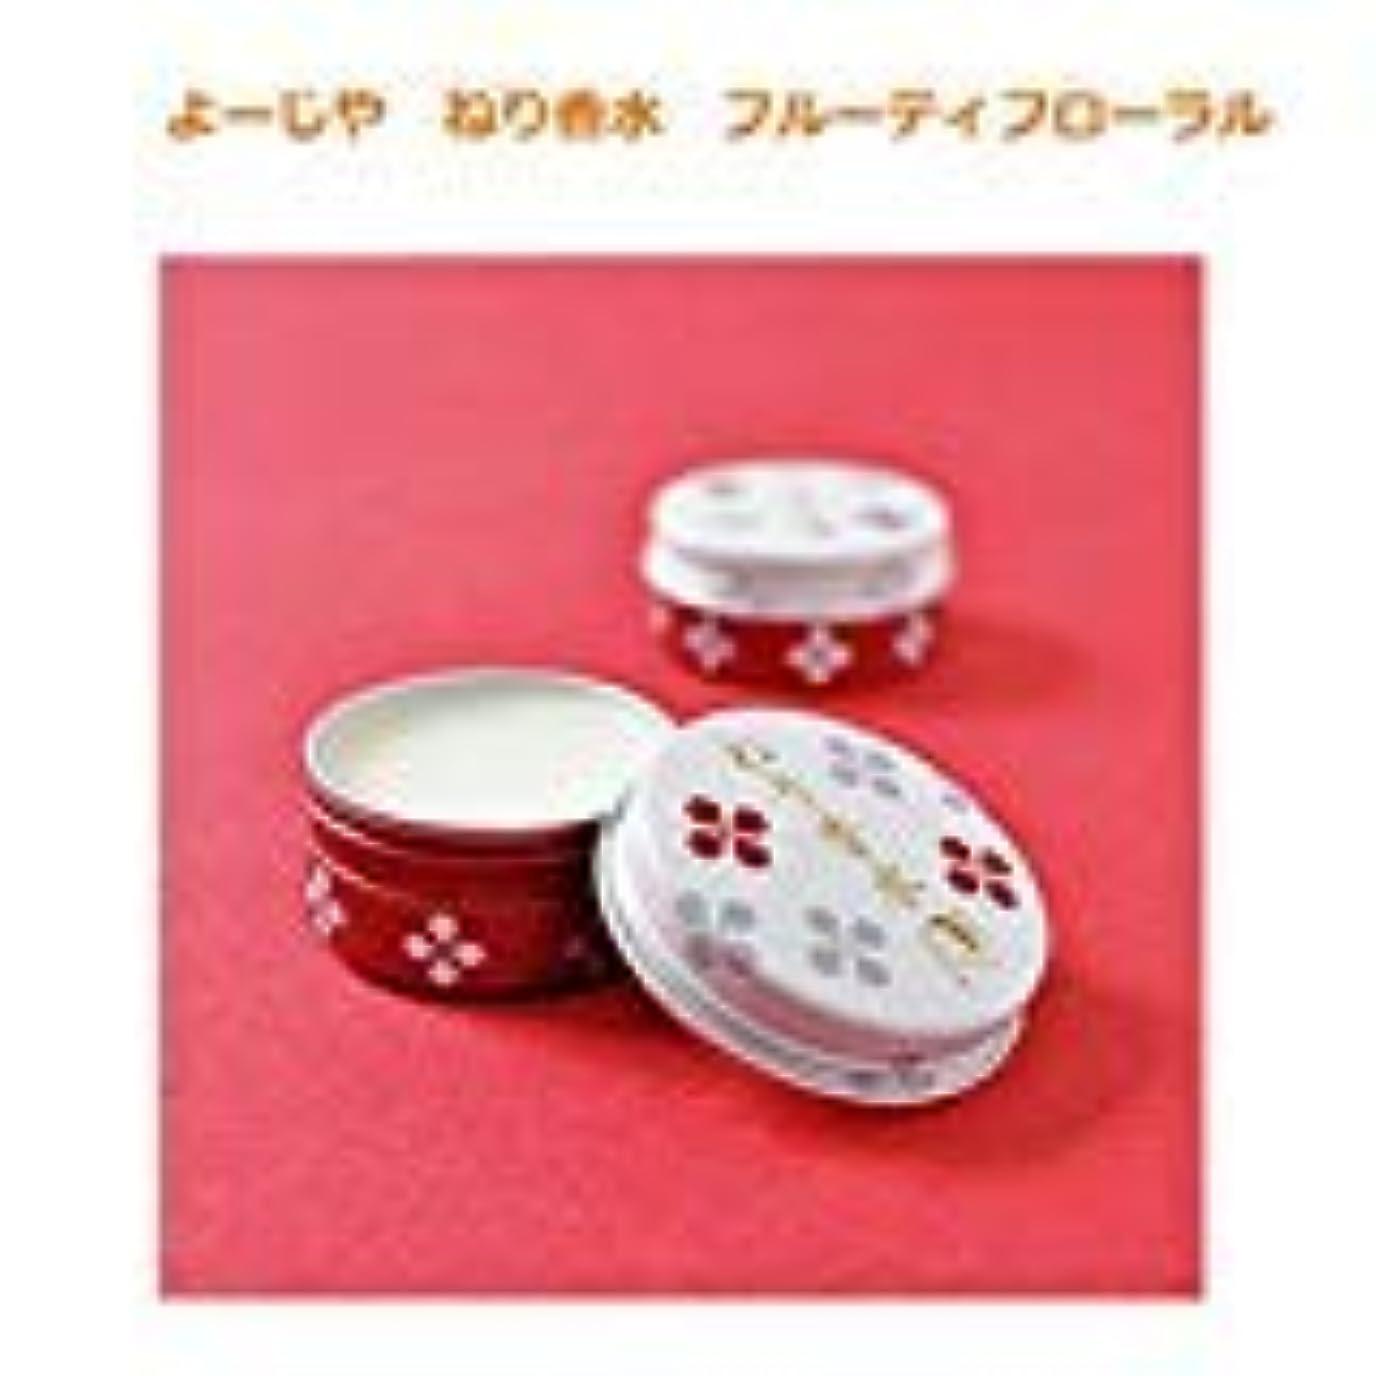 コテージ甘味タイピストよーじや ねり香水 (フルーティフローラル)10g